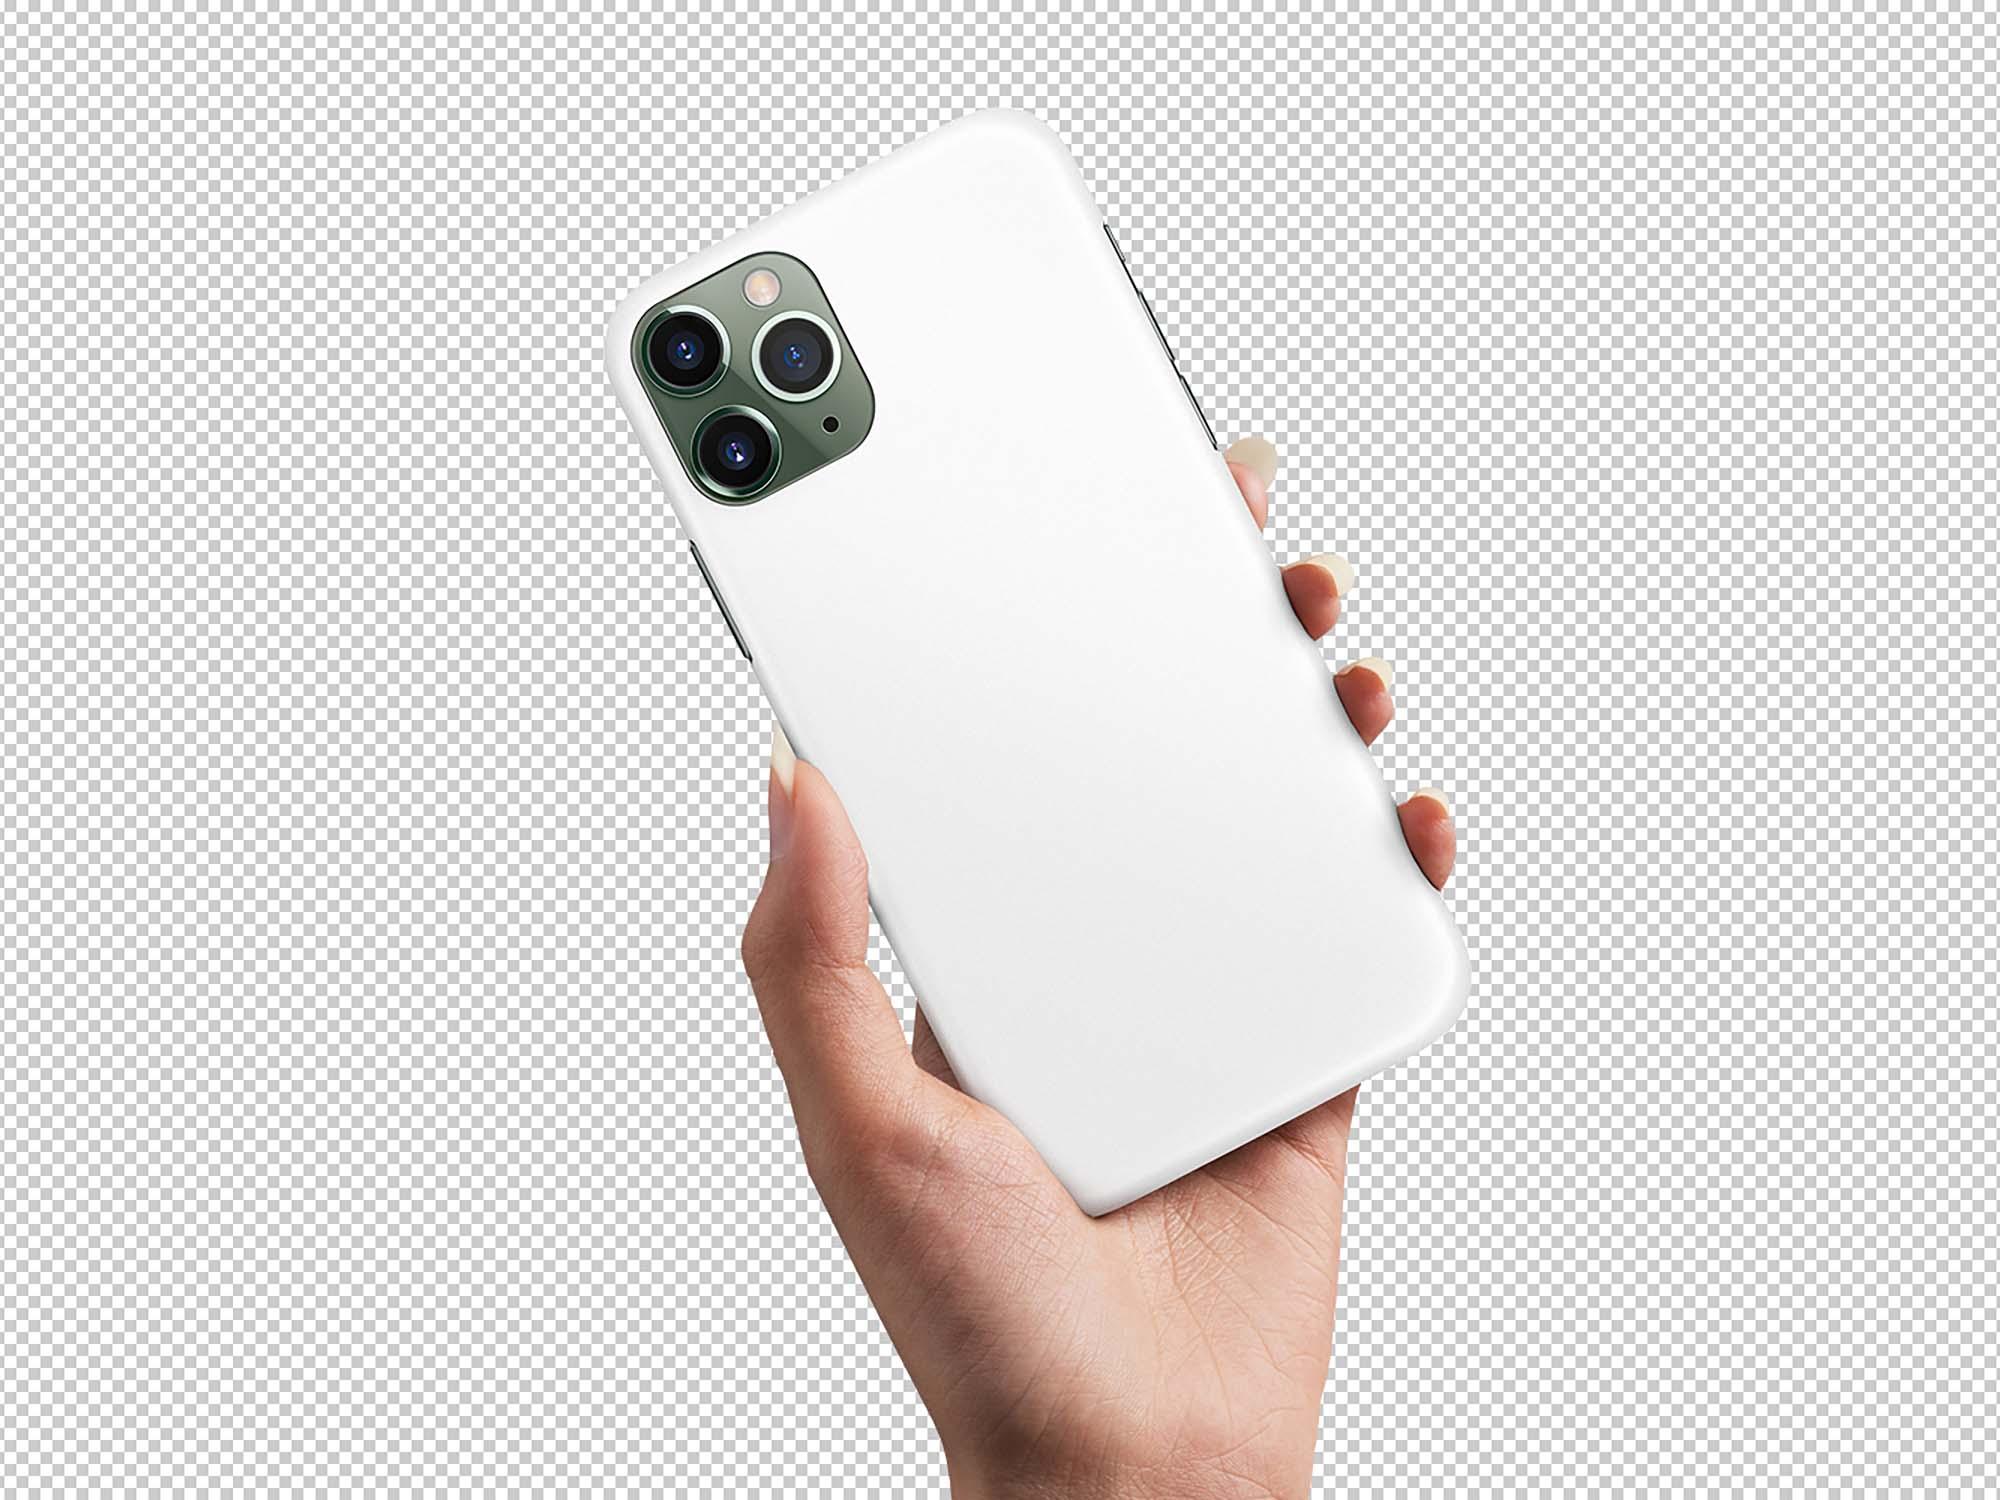 iPhone 11 Pro Case Mockup 2